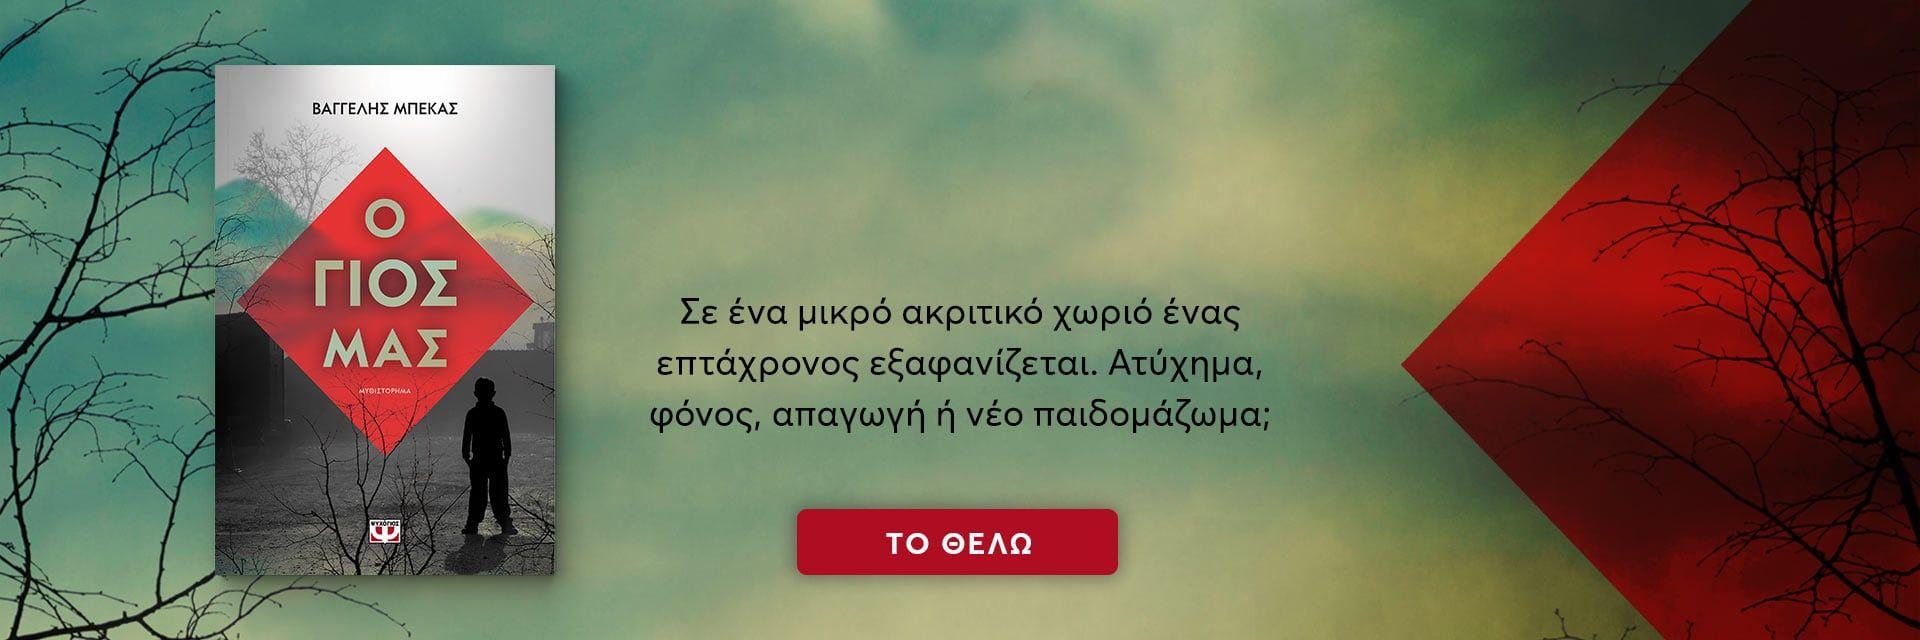 ΜΠΕΚΑΣ